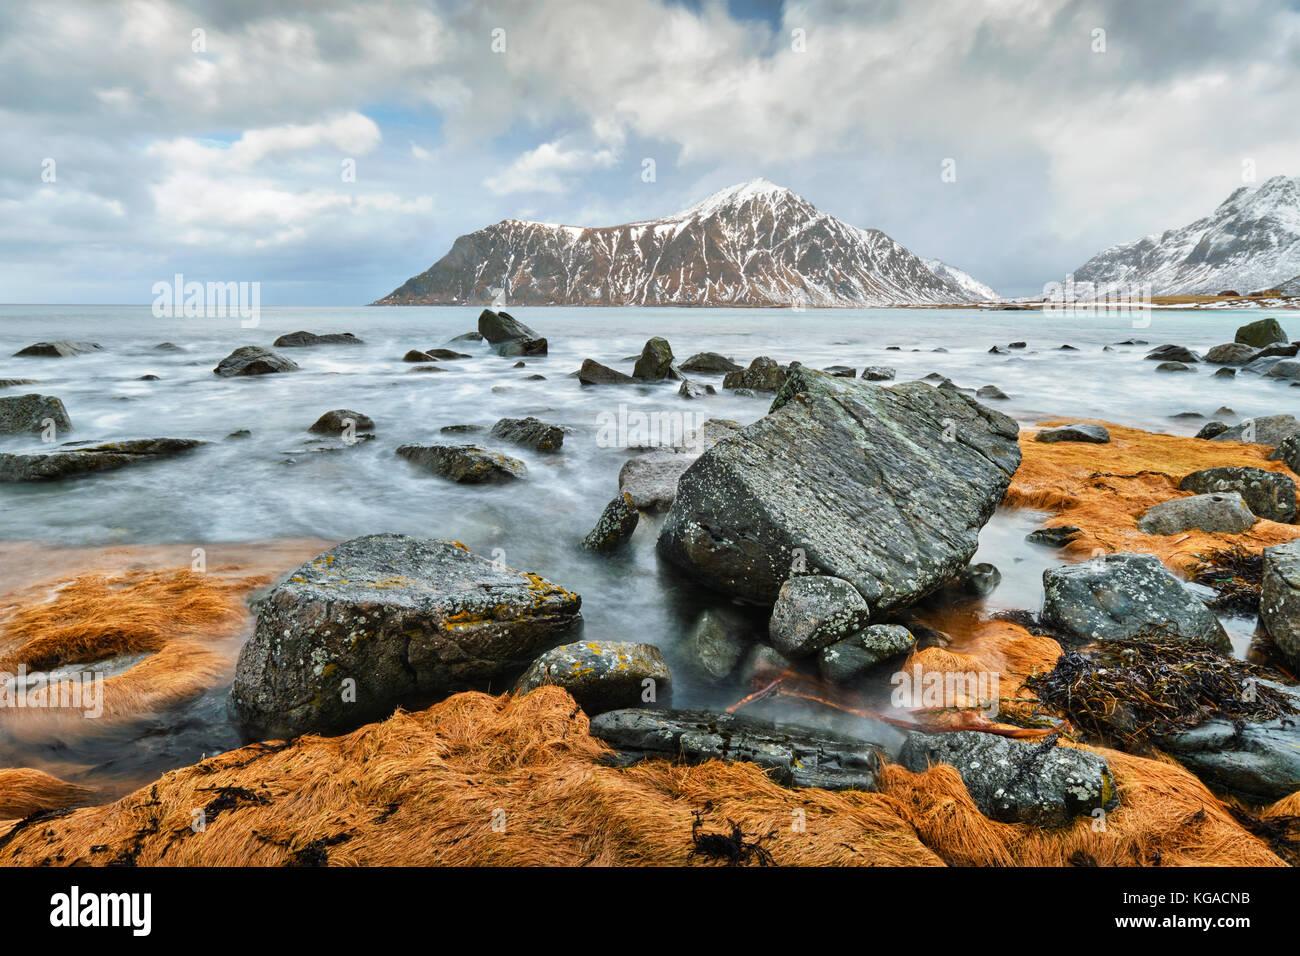 Costa rocciosa di fjord in Norvegia Immagini Stock